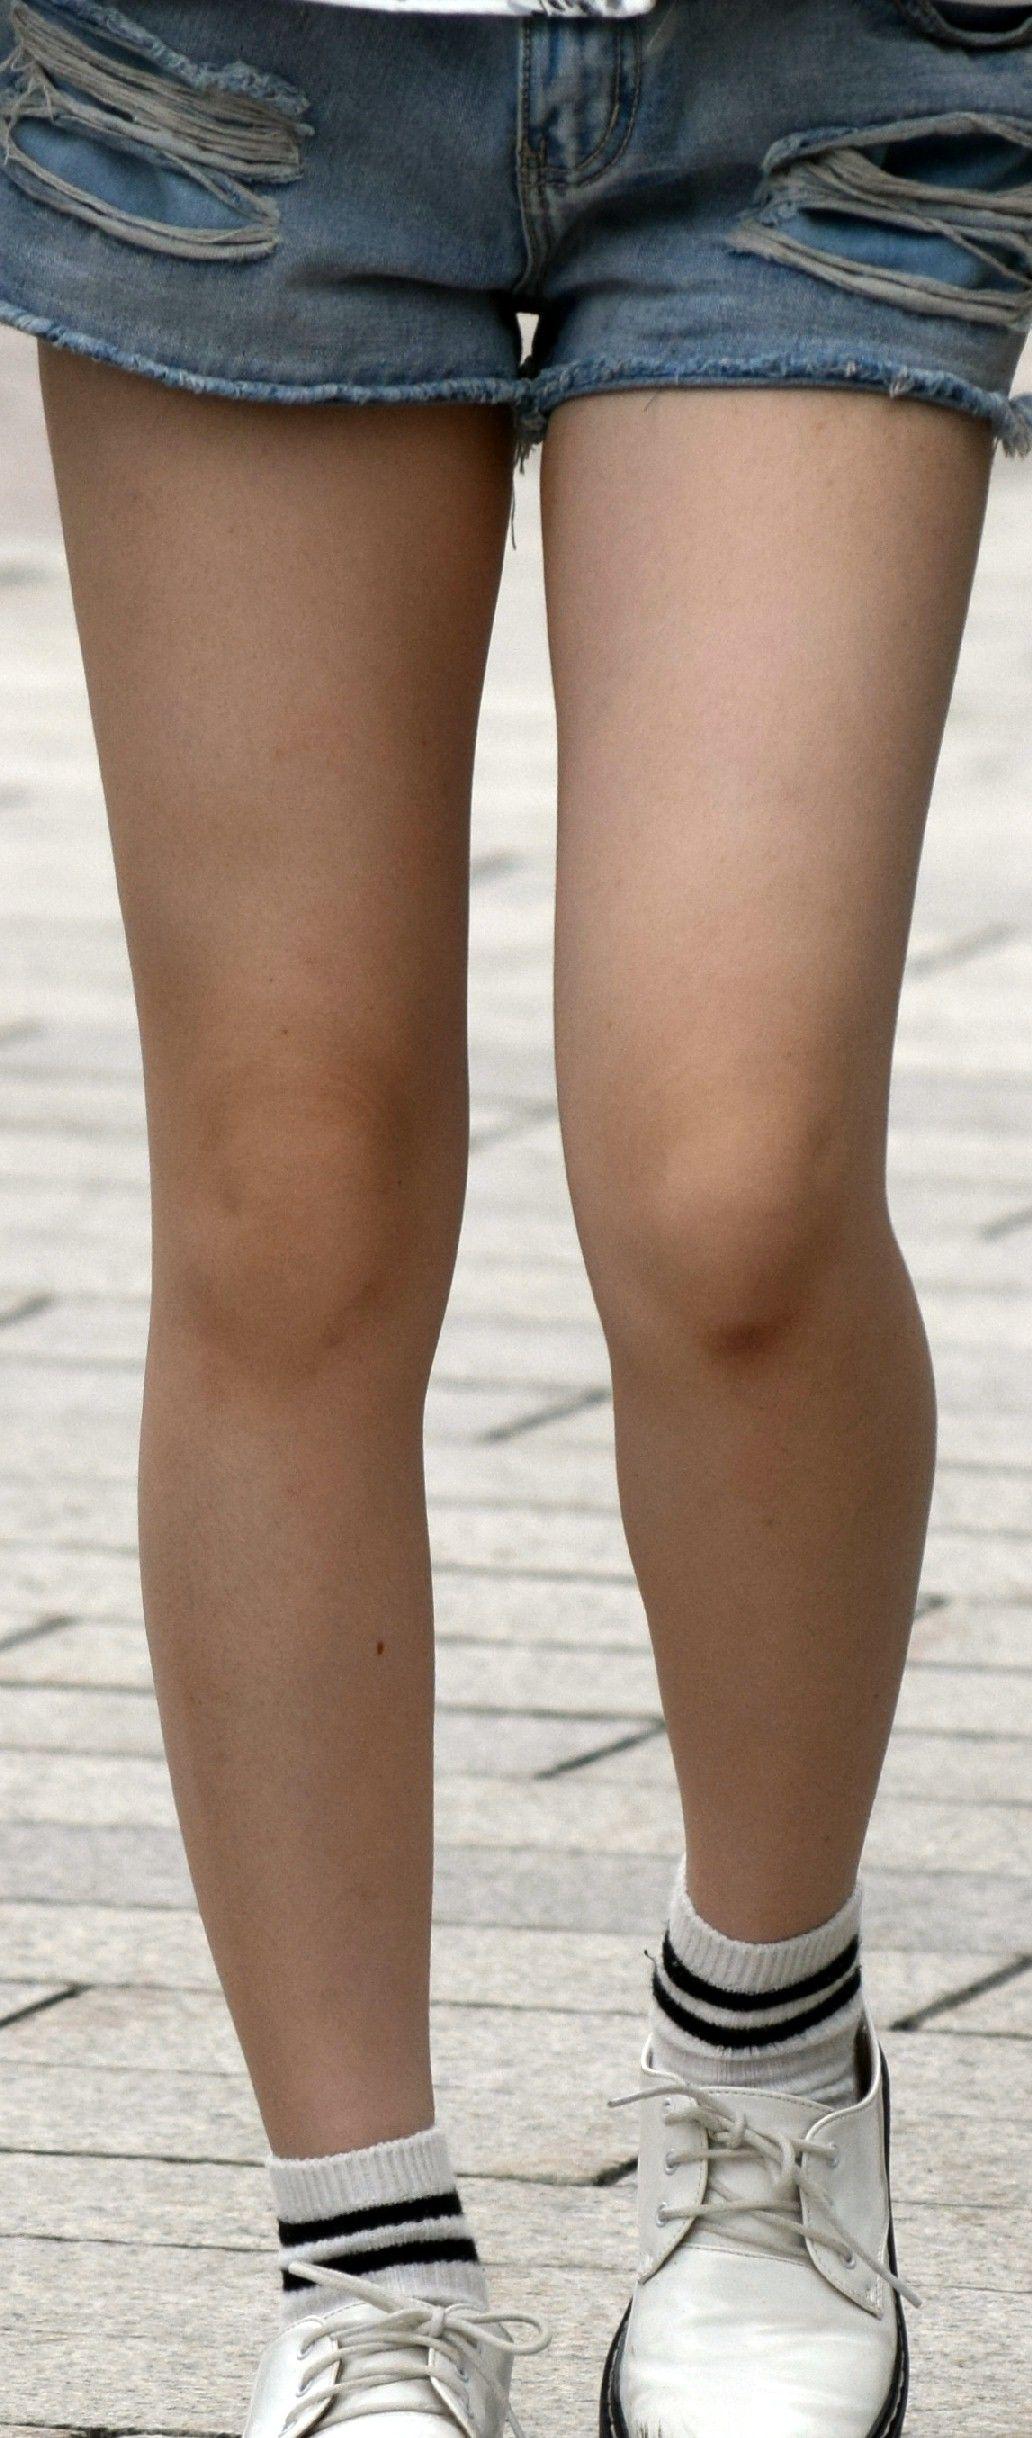 【美脚エロ画像】美脚だけを堪能したい方にオススメな街角ショーパン女子www 14